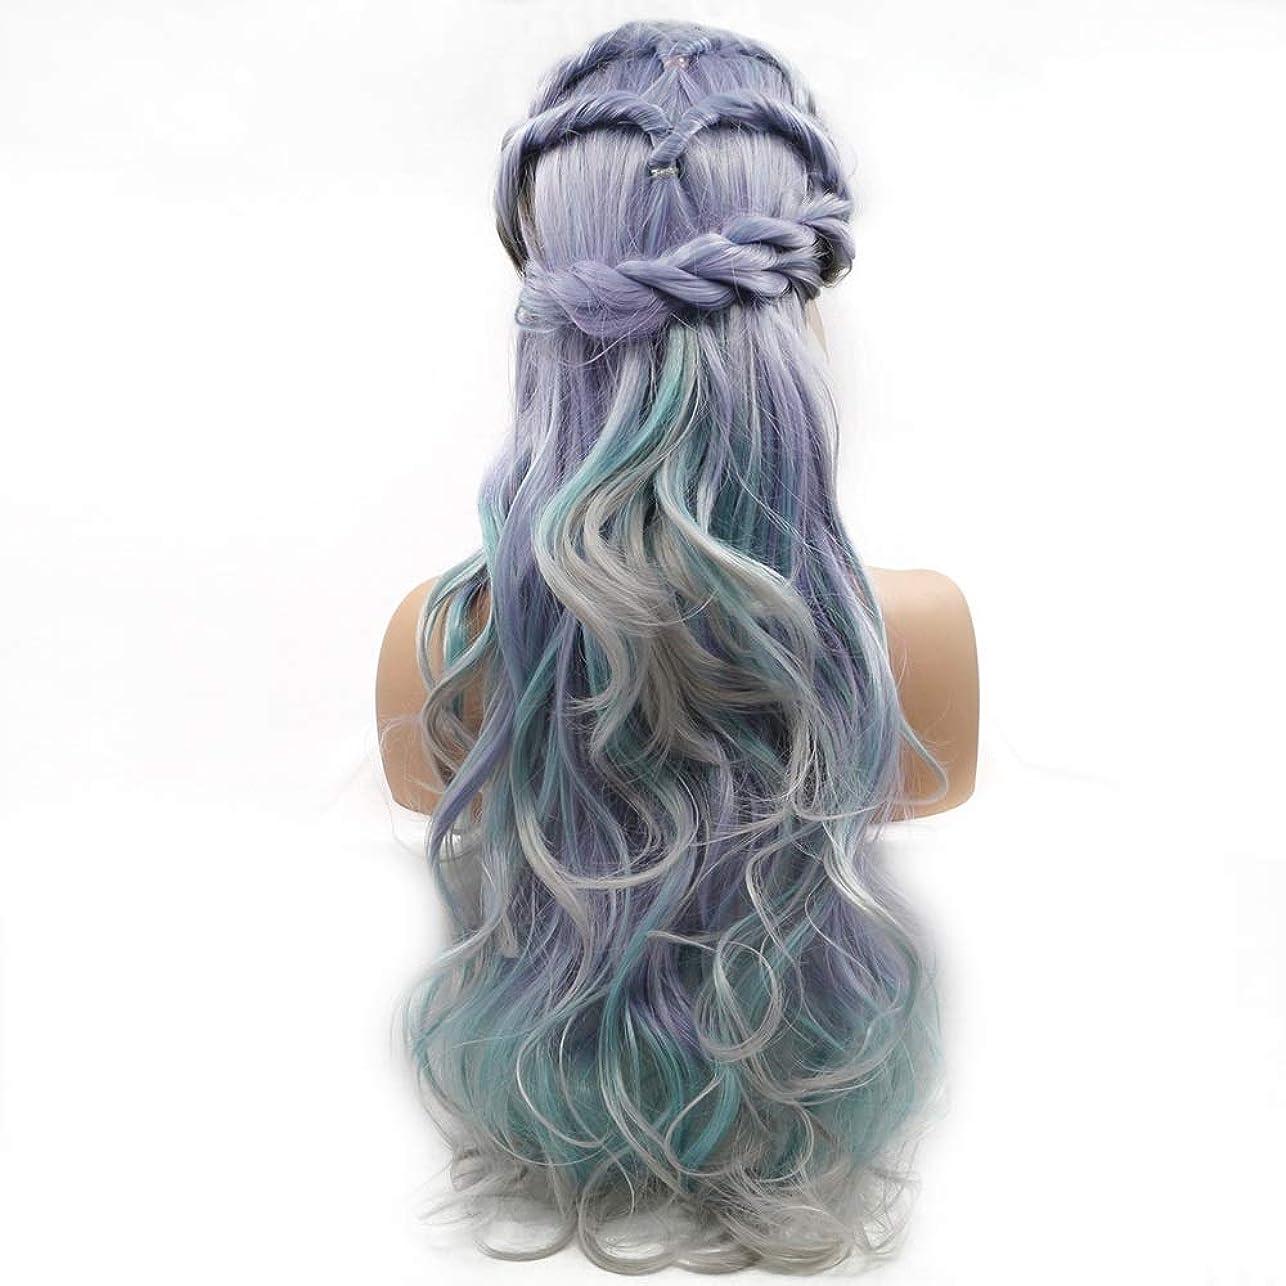 空いているまつげターゲットZXF グラデーションカラーの長い髪の巻き毛のかつらの女性の手作りのレースヨーロッパとアメリカのかつらはかつらの毛髪のセット 美しい